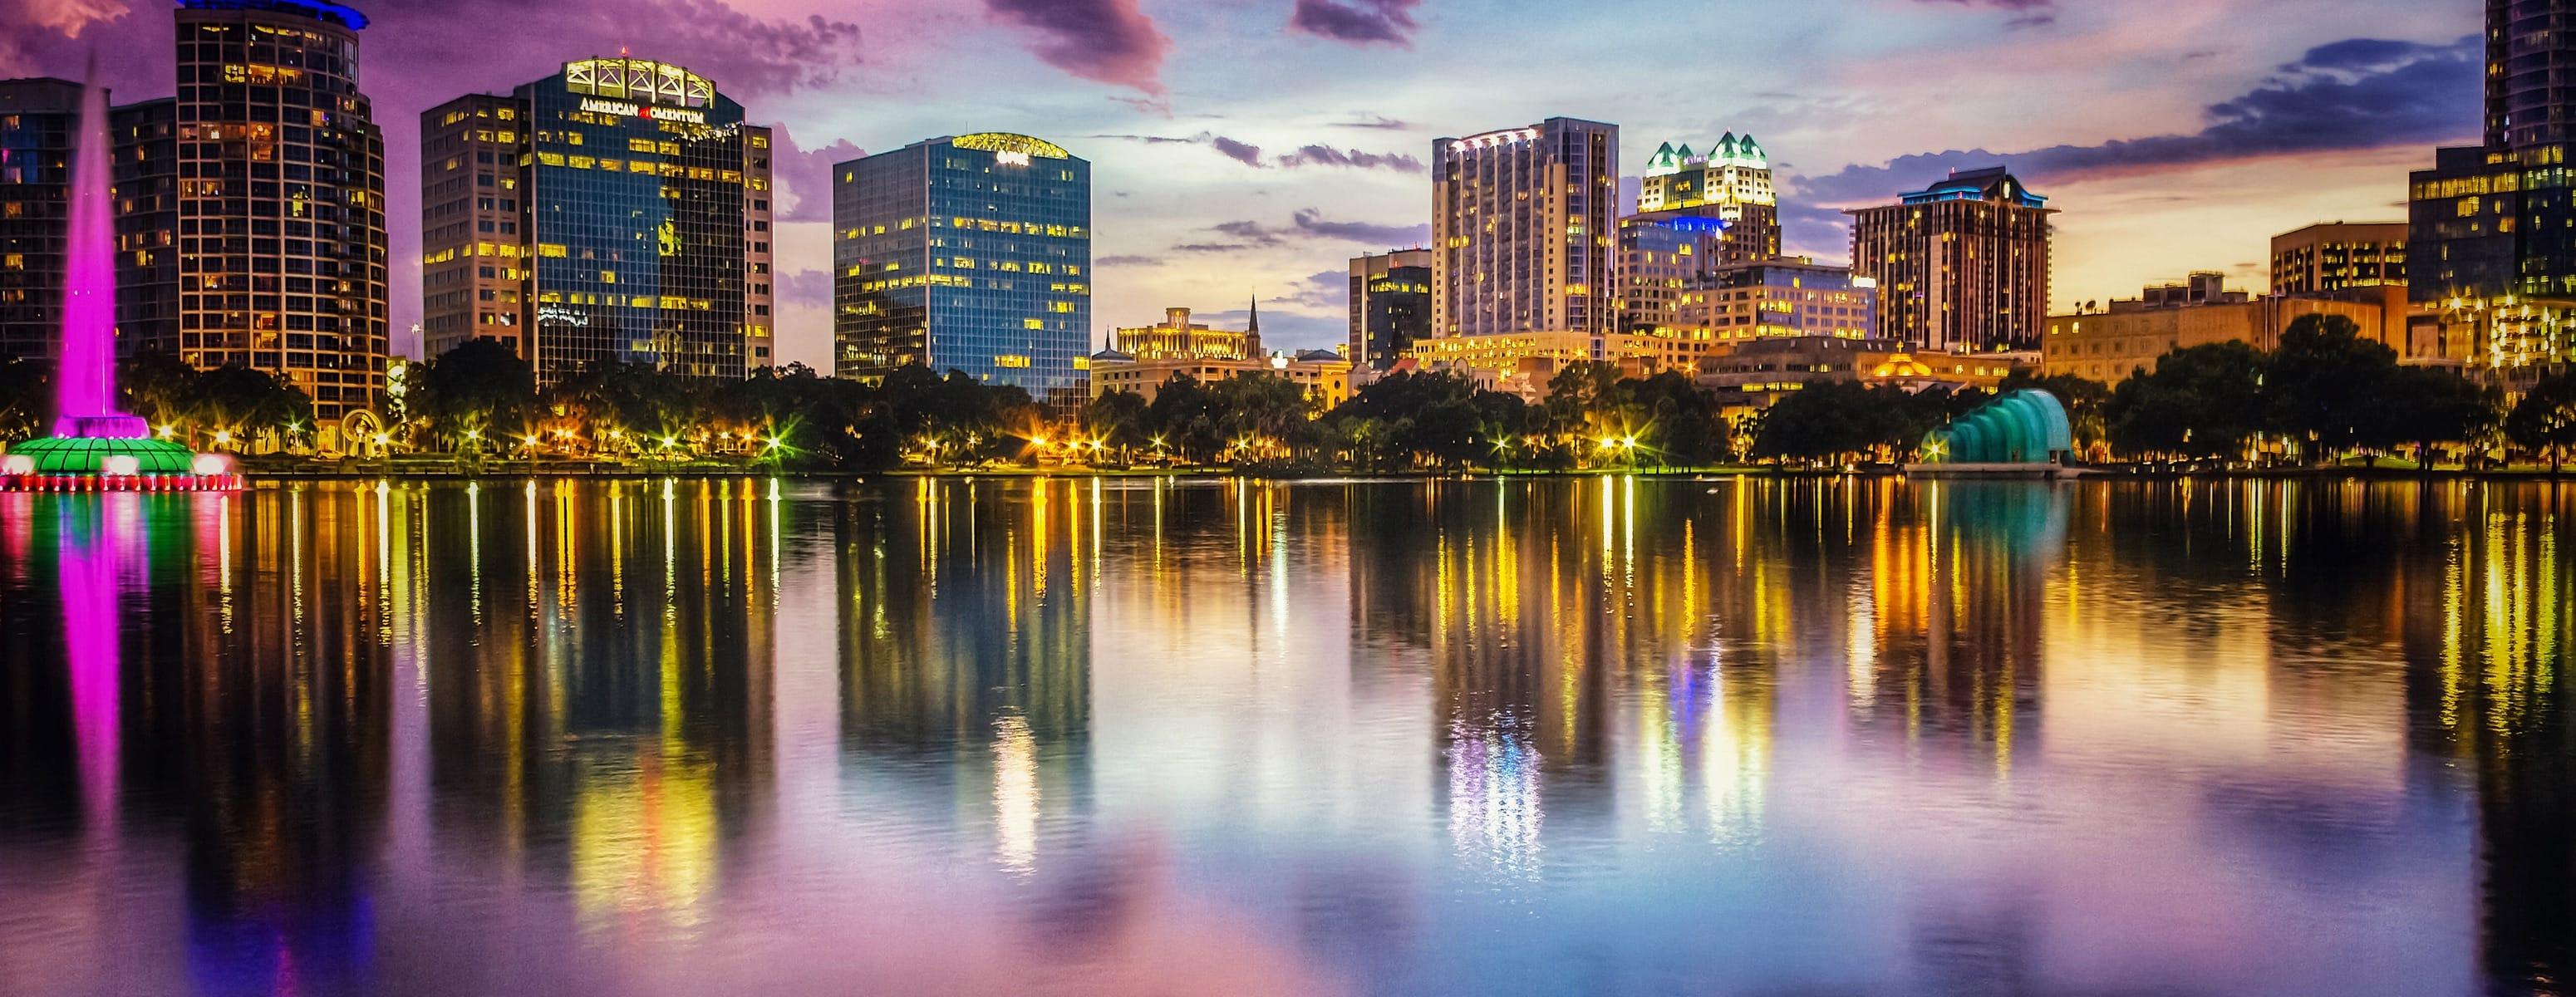 Orlando 2018 (mit Fotos): Die 20 besten Unterkünfte in Orlando ...